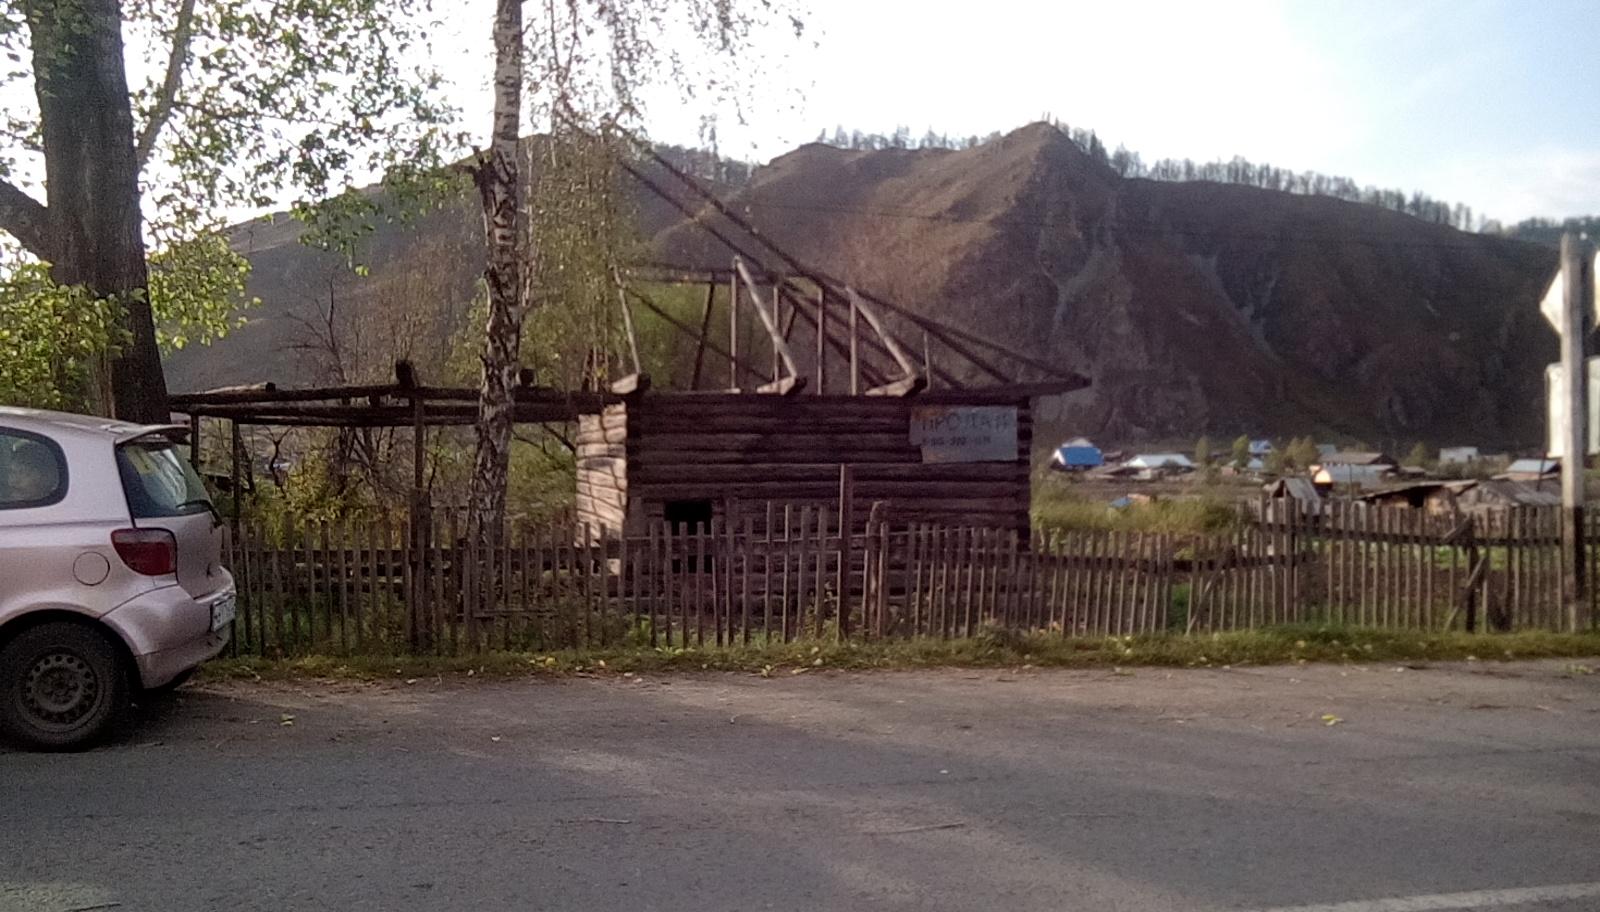 продам земельный участок 10 соток сруб 7 7 на фундаменте республика алтай шебалин ...